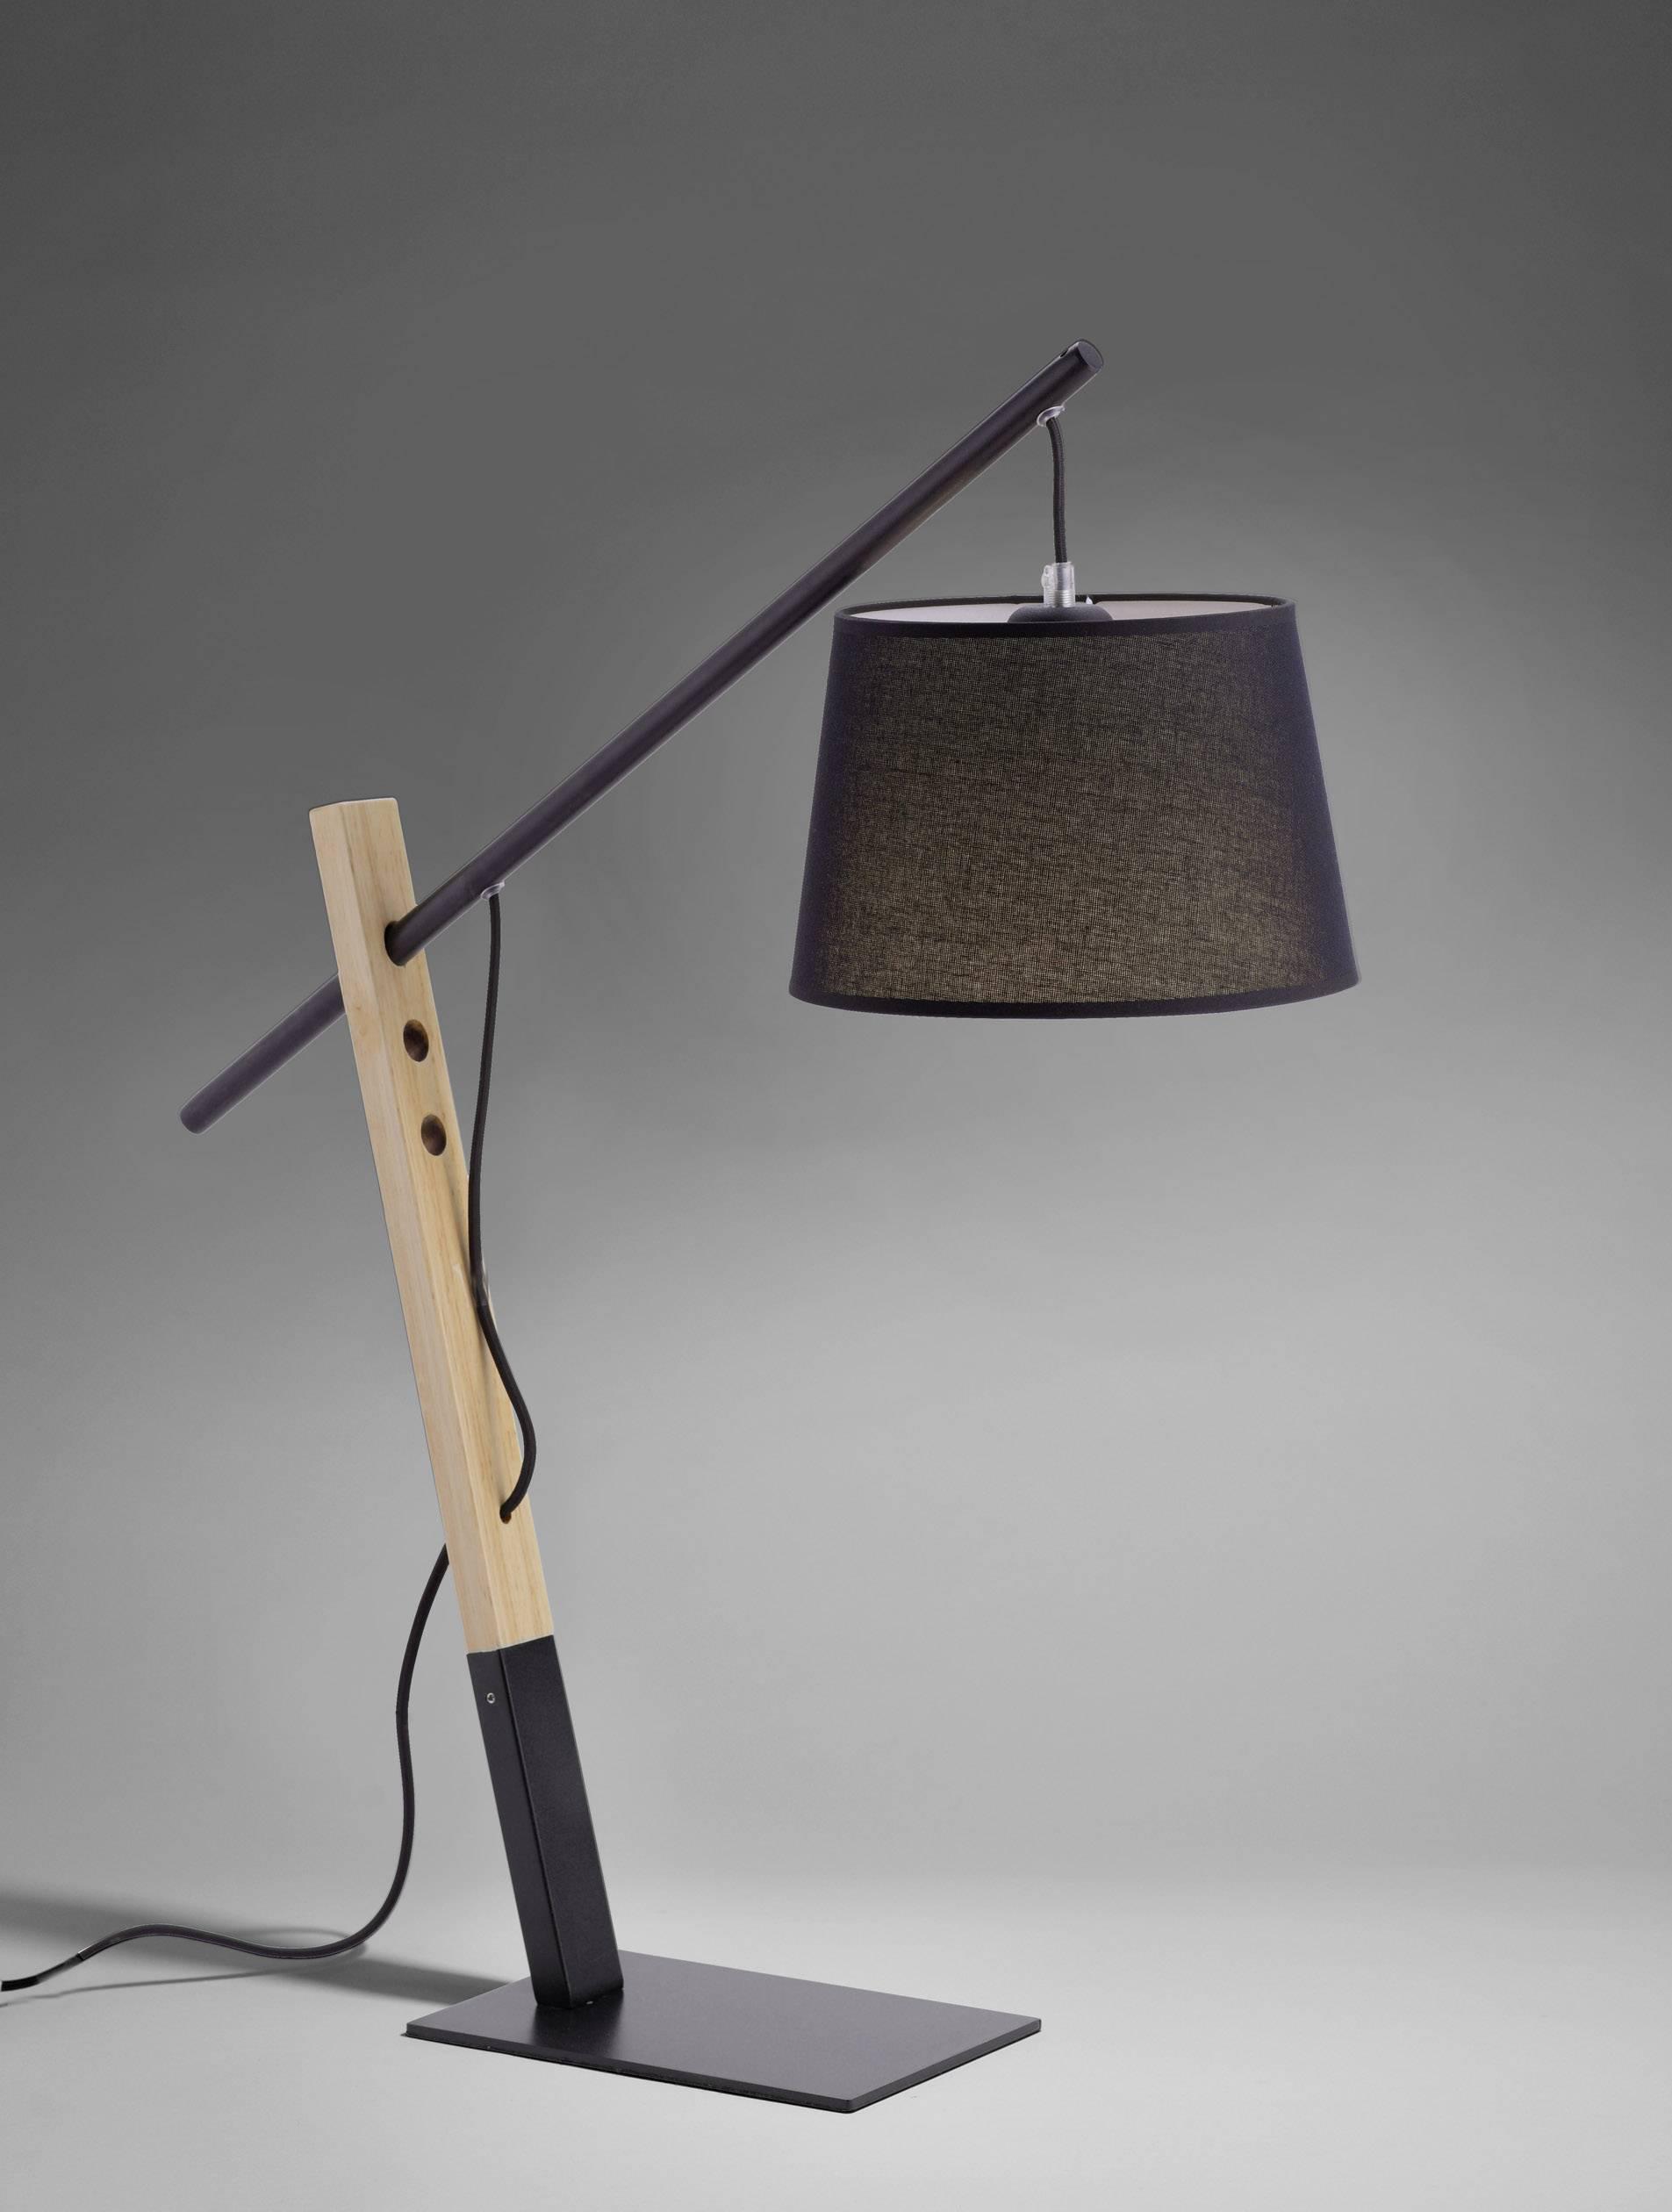 Lampe de bureau Paul Neuhaus KATI 4506 18 Ampoule LED E27 60 W noir, bois 1 pcs   Conrad.fr